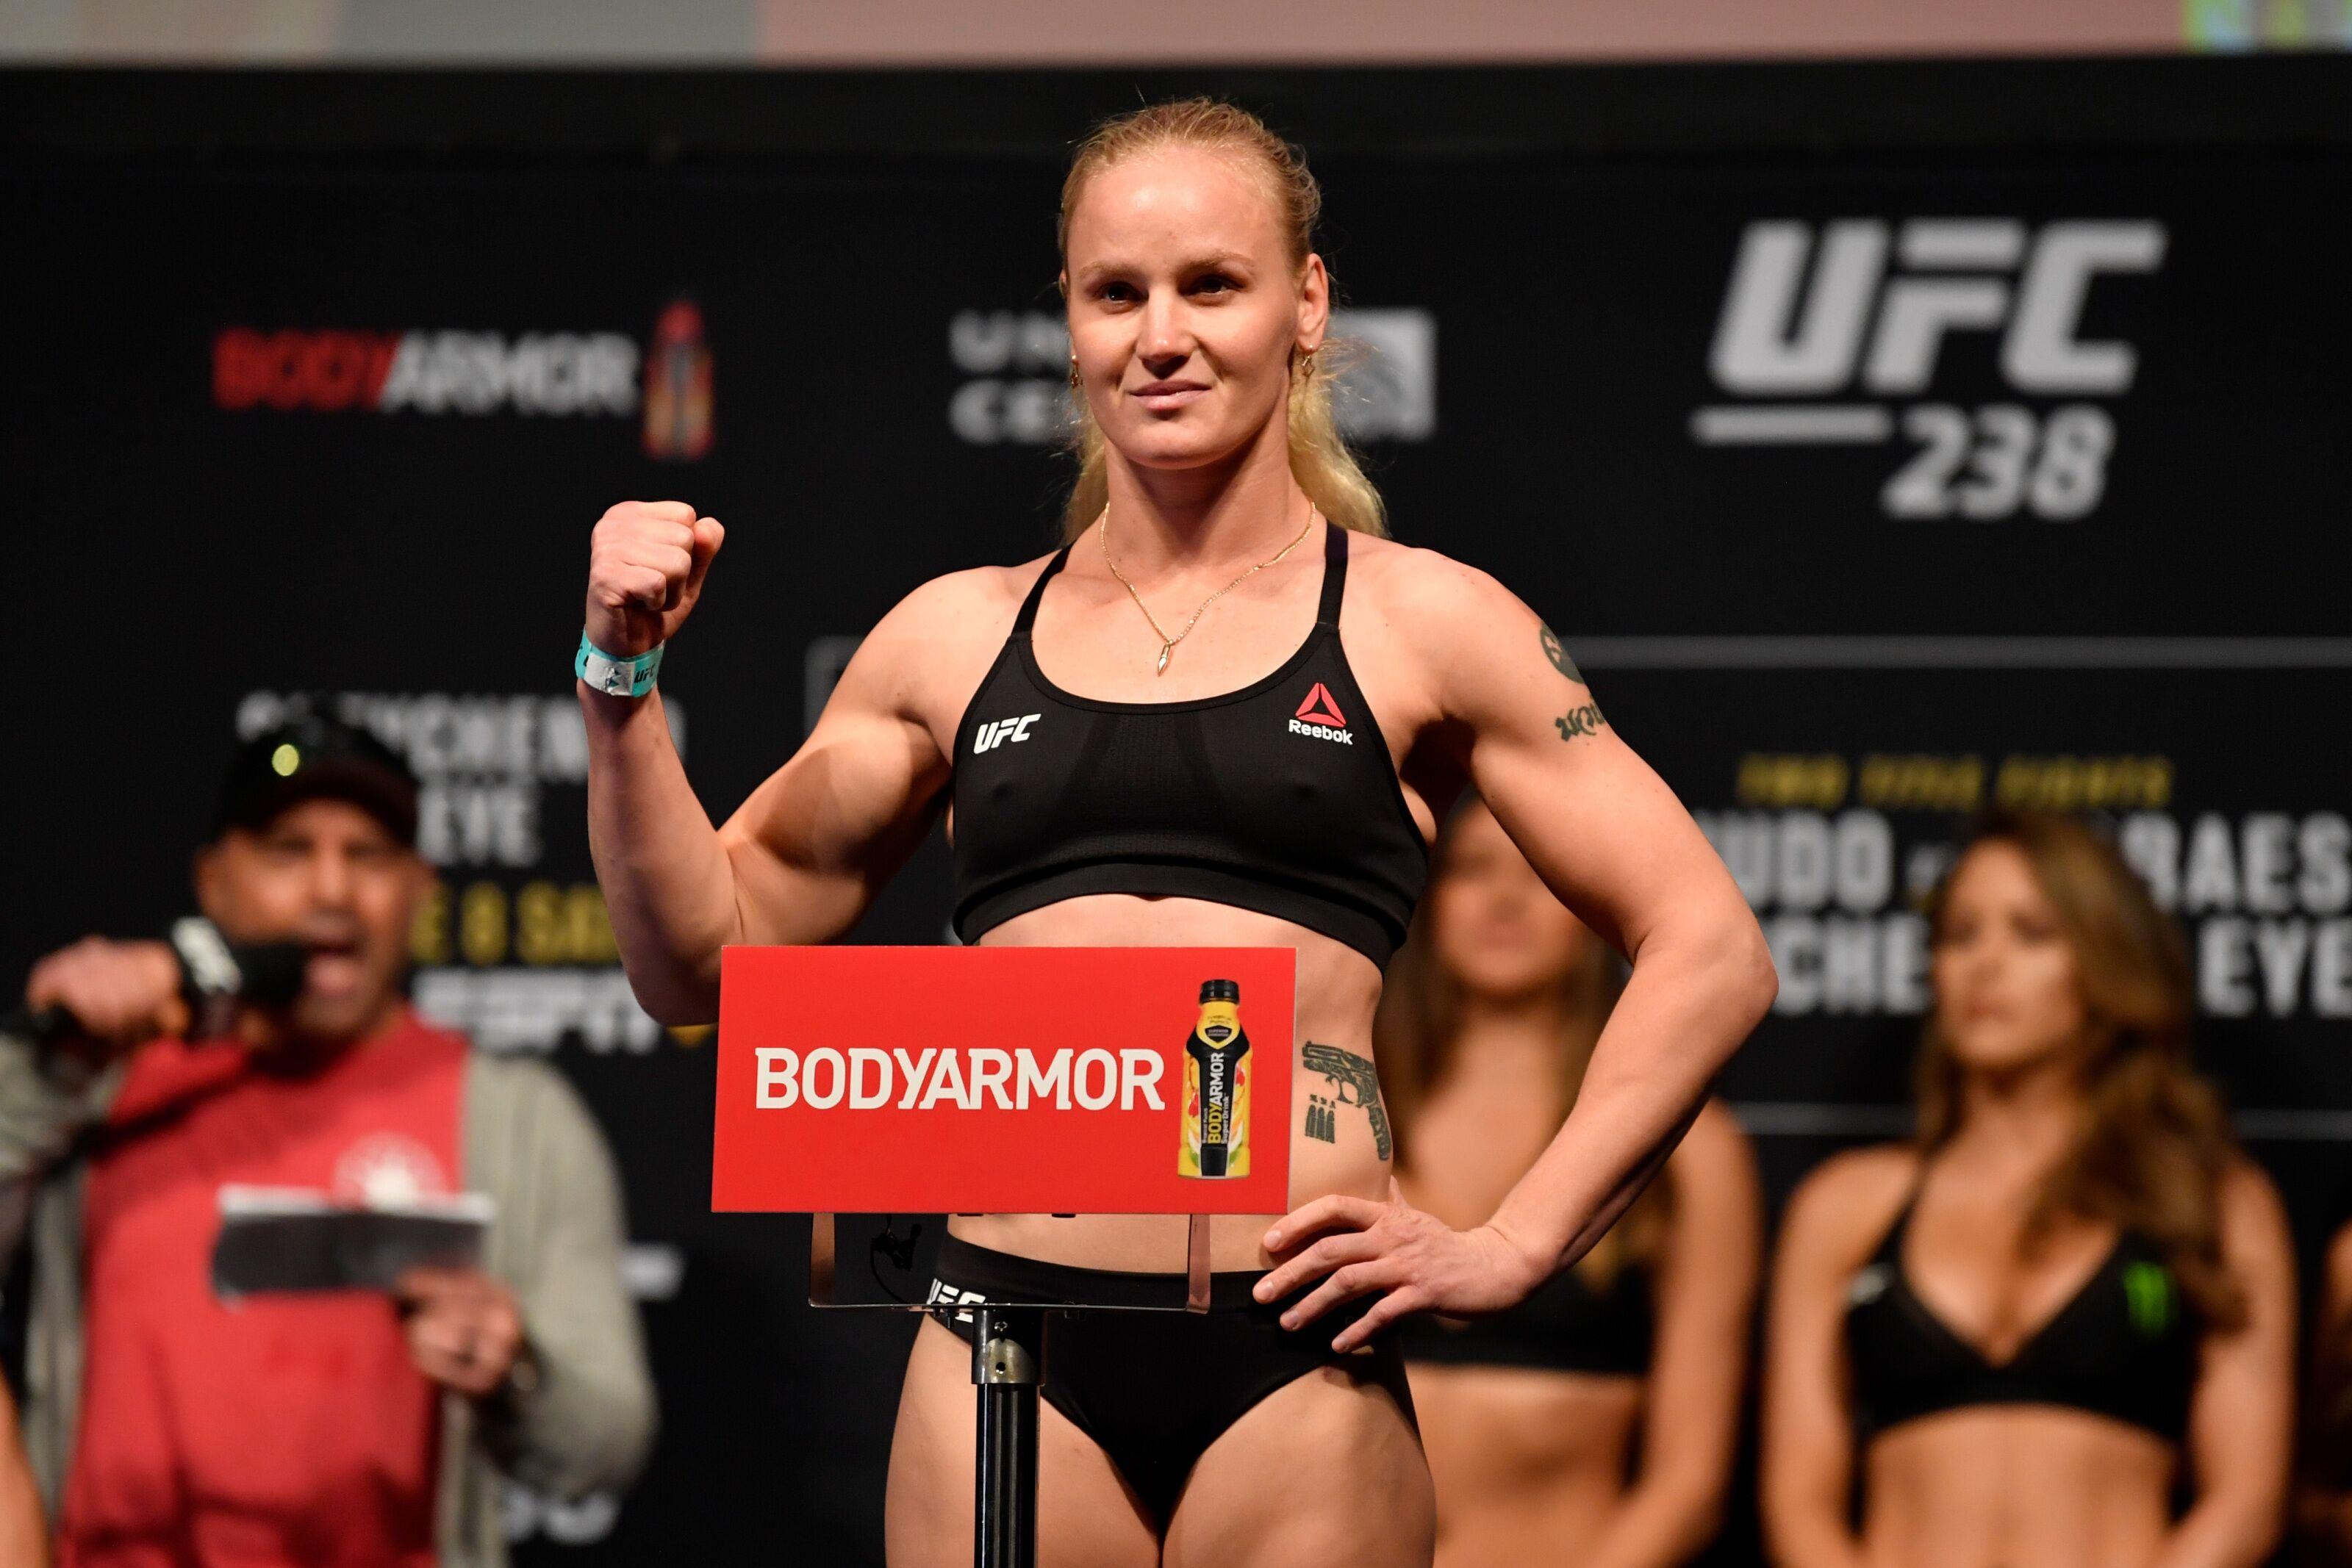 UFC Fight Night : Shevchenko VS Carmouche 2 MMA DFS Picks- Saturday, August 10th